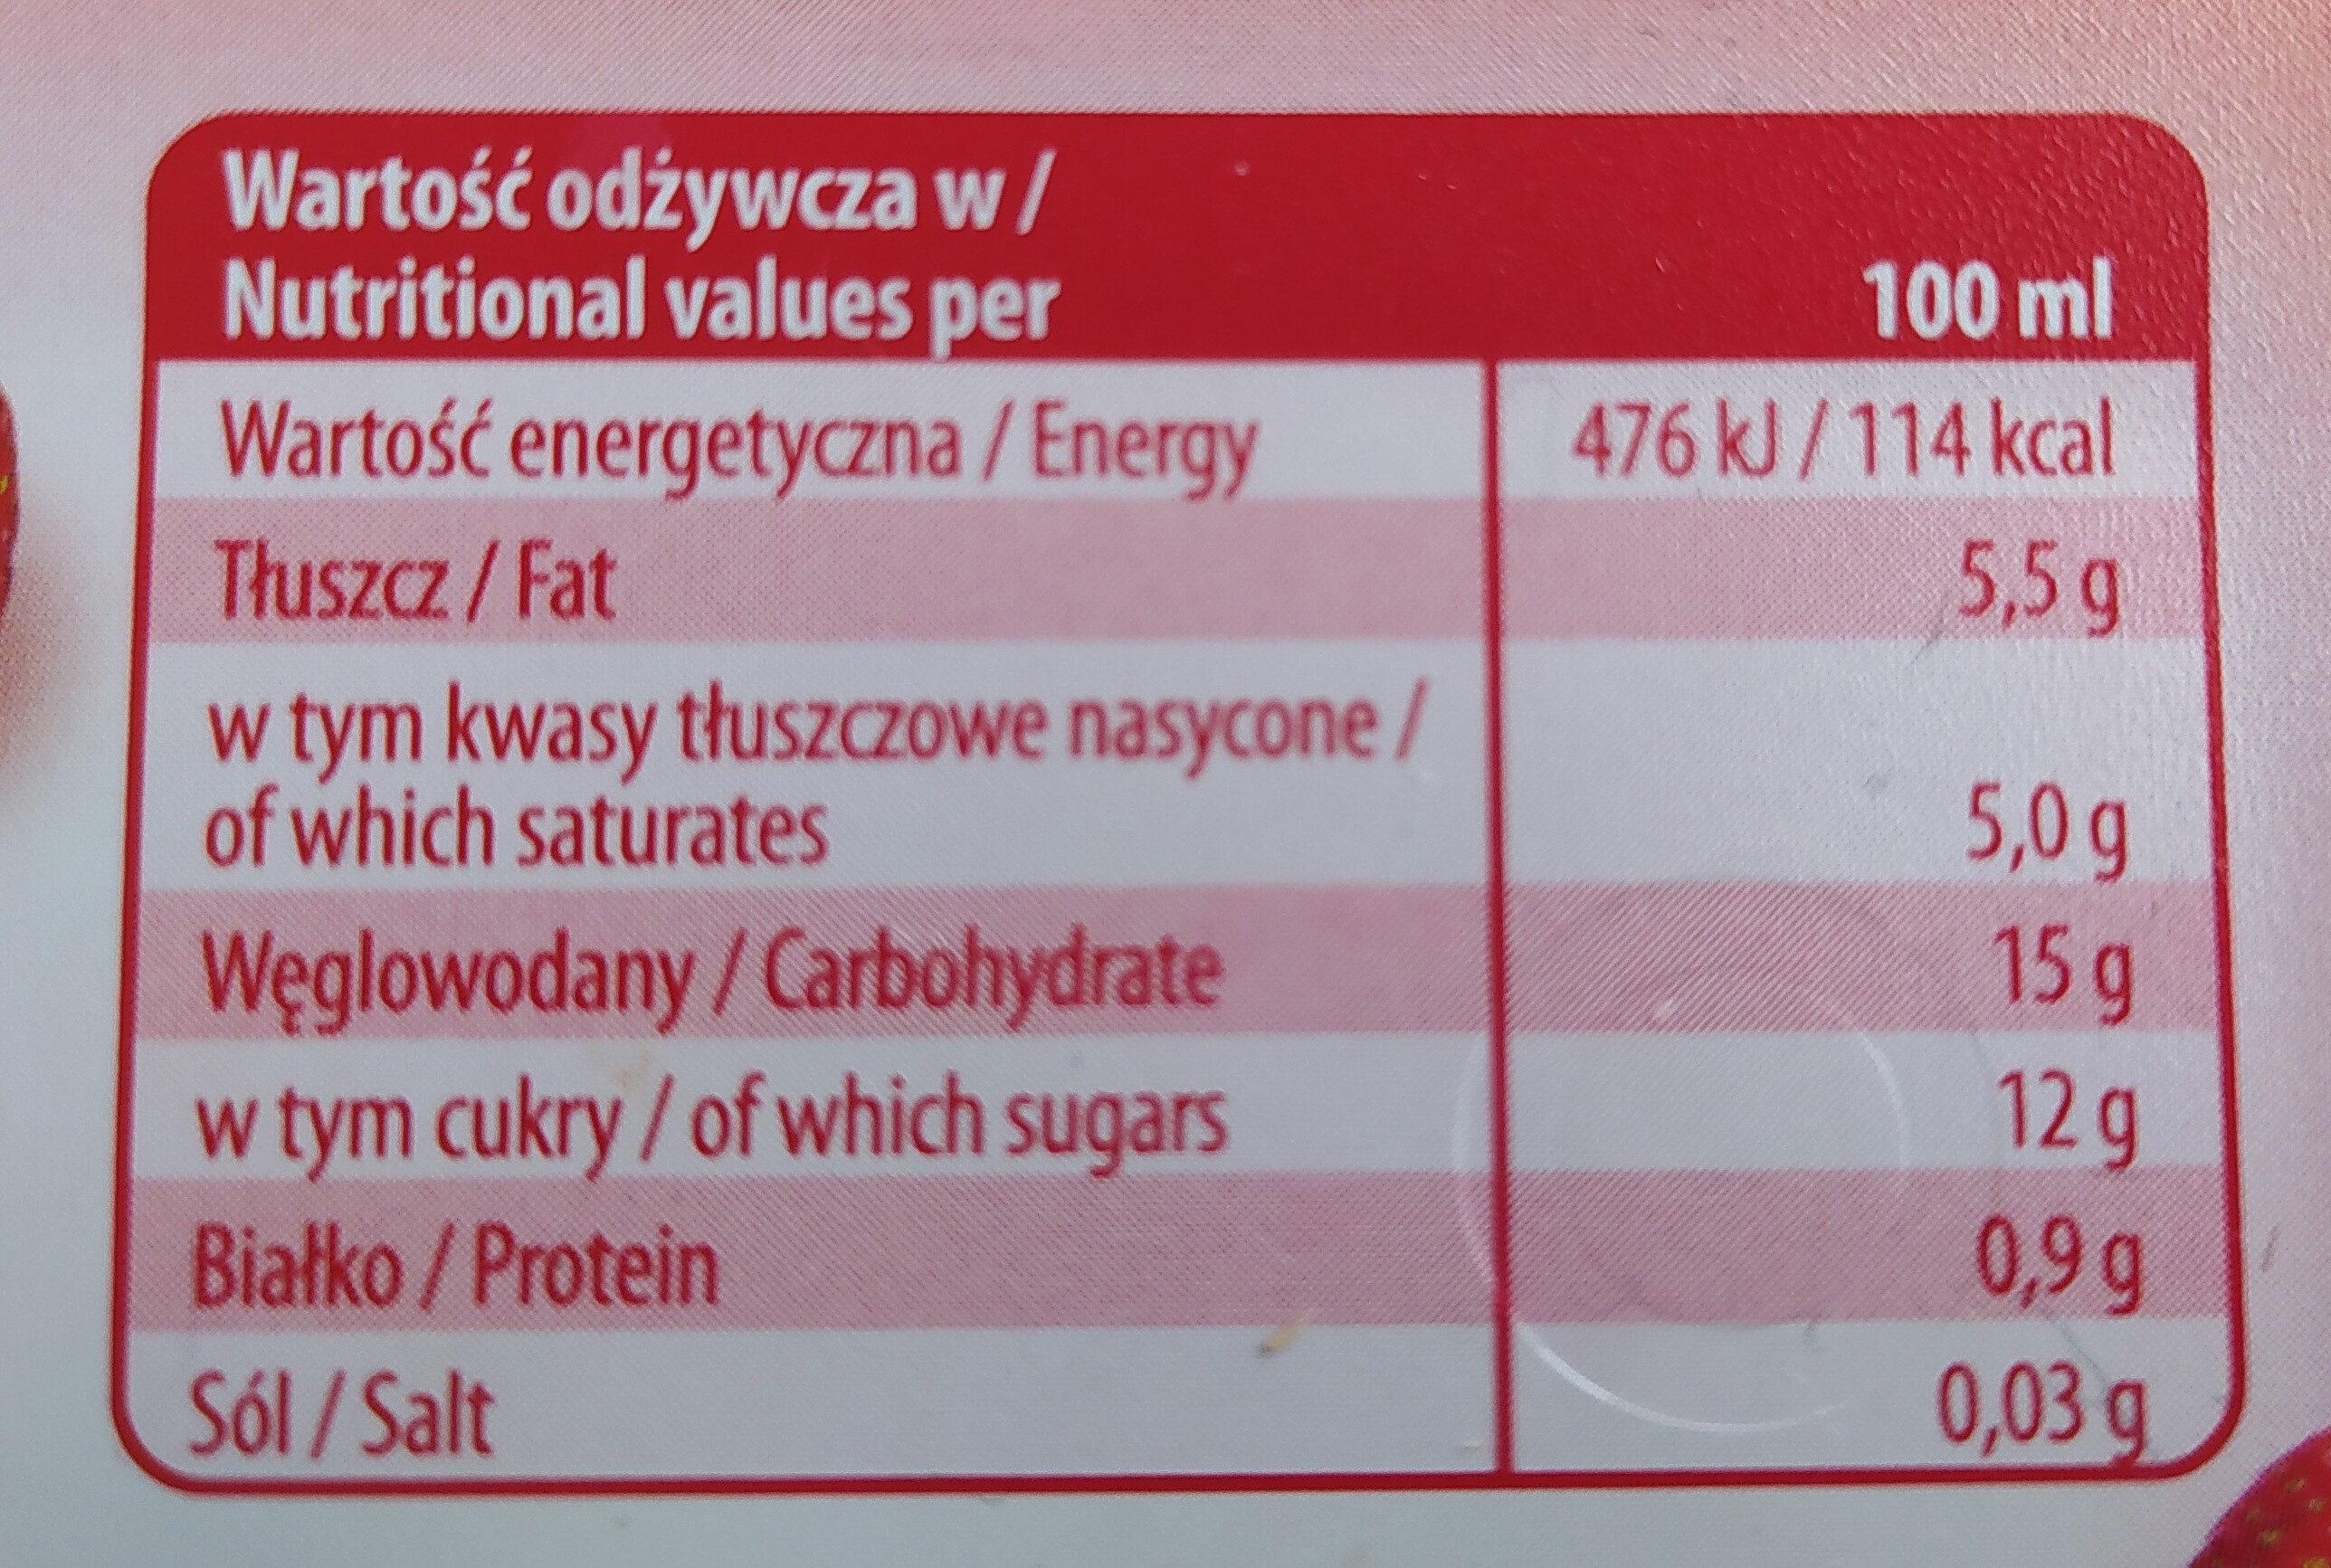 zielona budka lody truskawkowe - Wartości odżywcze - pl